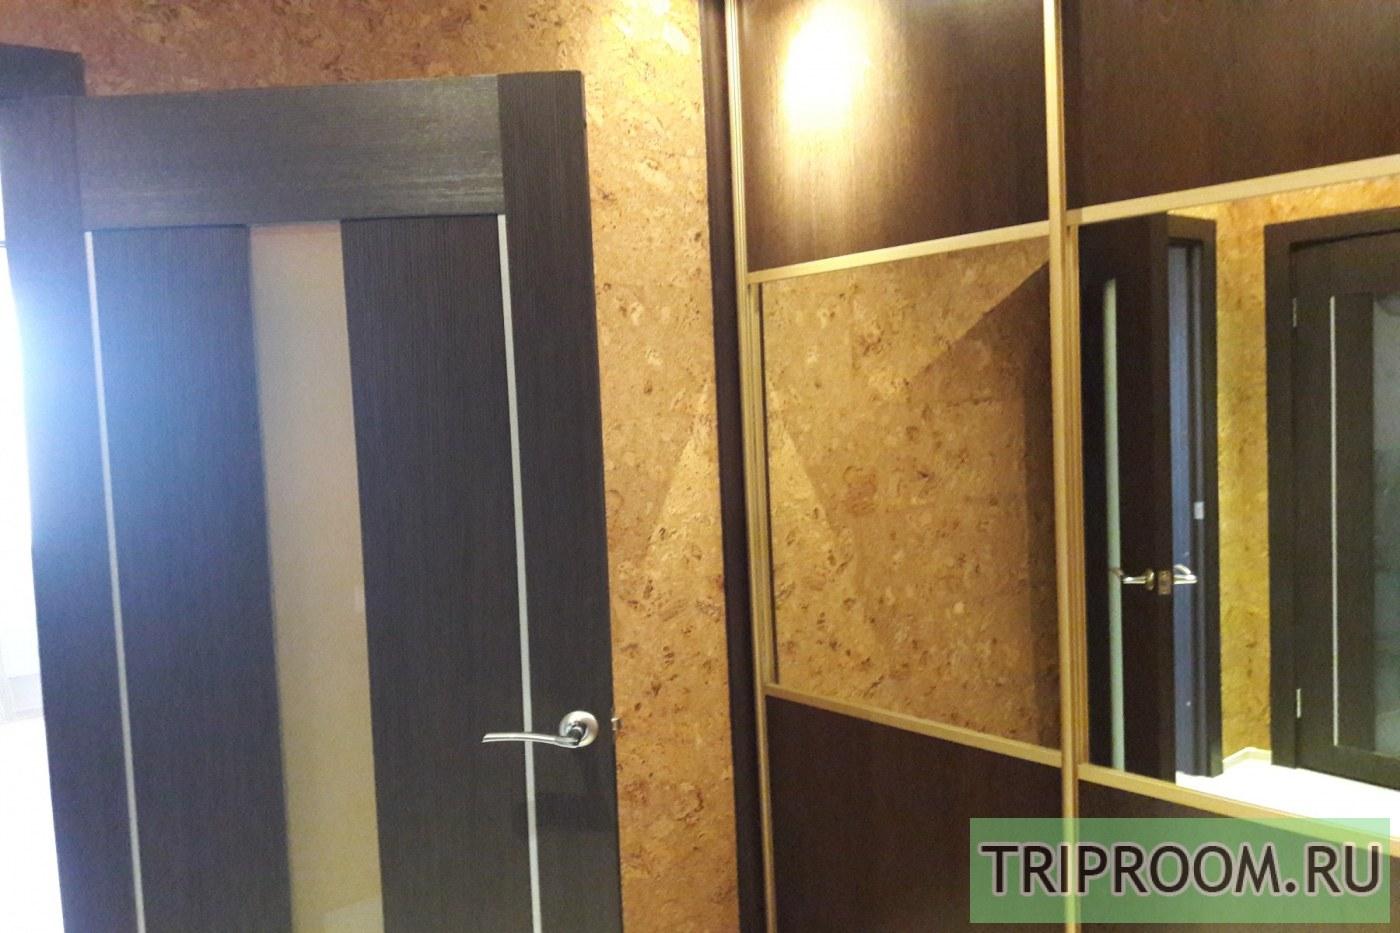 1-комнатная квартира посуточно (вариант № 40084), ул. 30 Дивизии, фото № 11